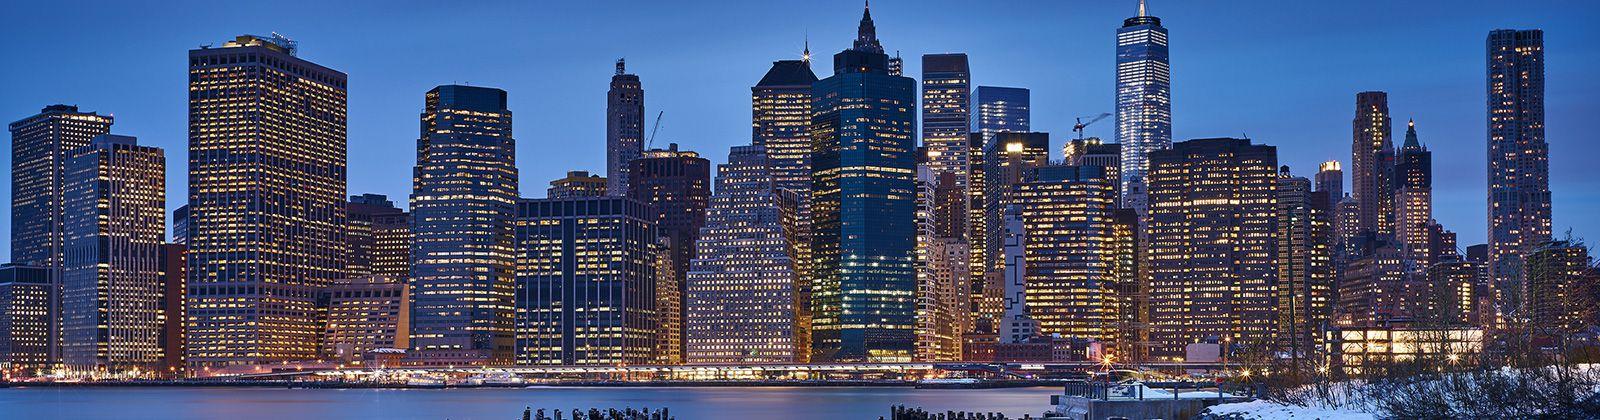 曼哈顿城市风景3440x1440超高清壁纸精选